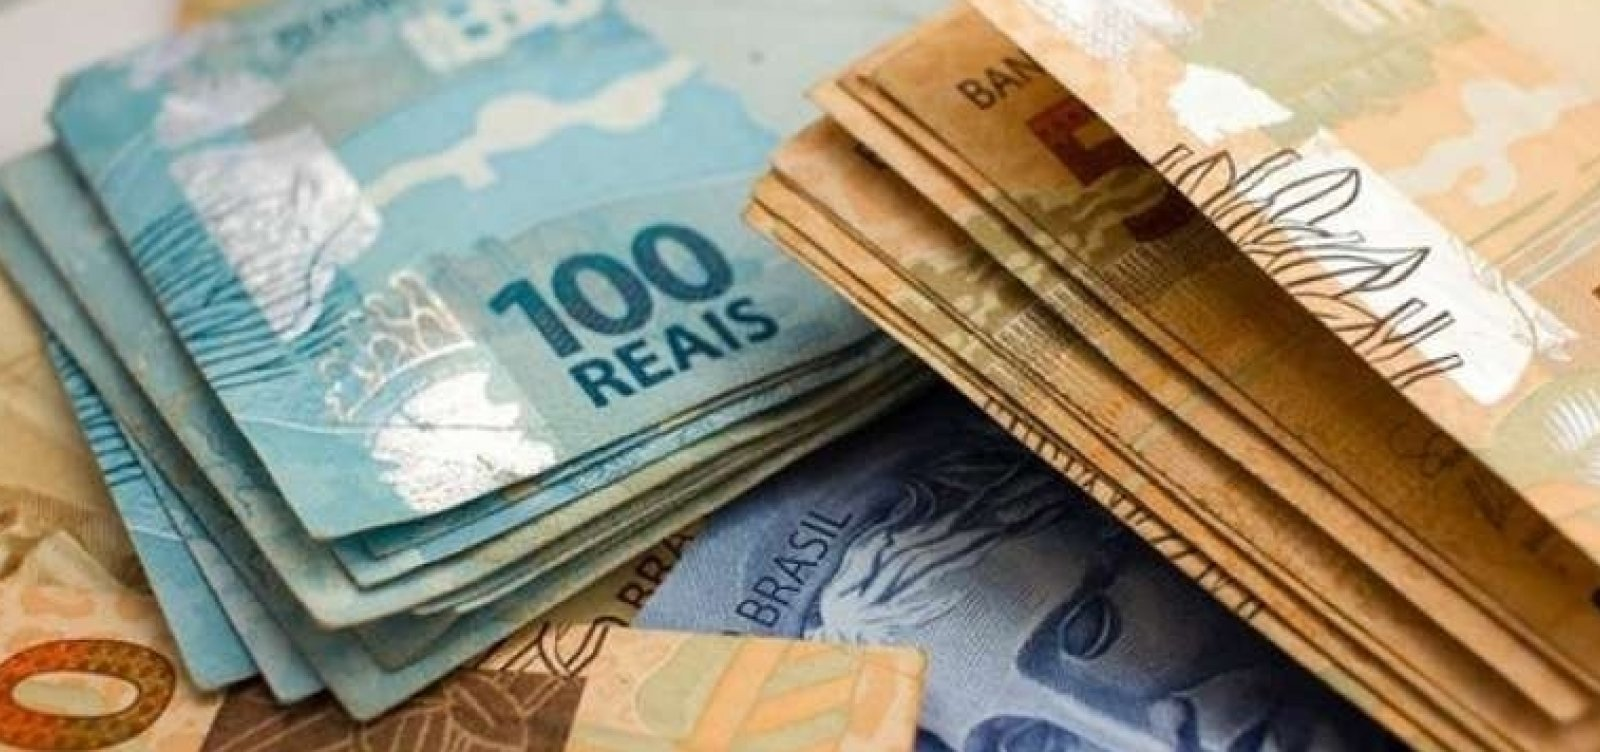 Com gastos na pandemia, dívida pública ultrapassa R$ 5 tri pela primeira vez em 2020